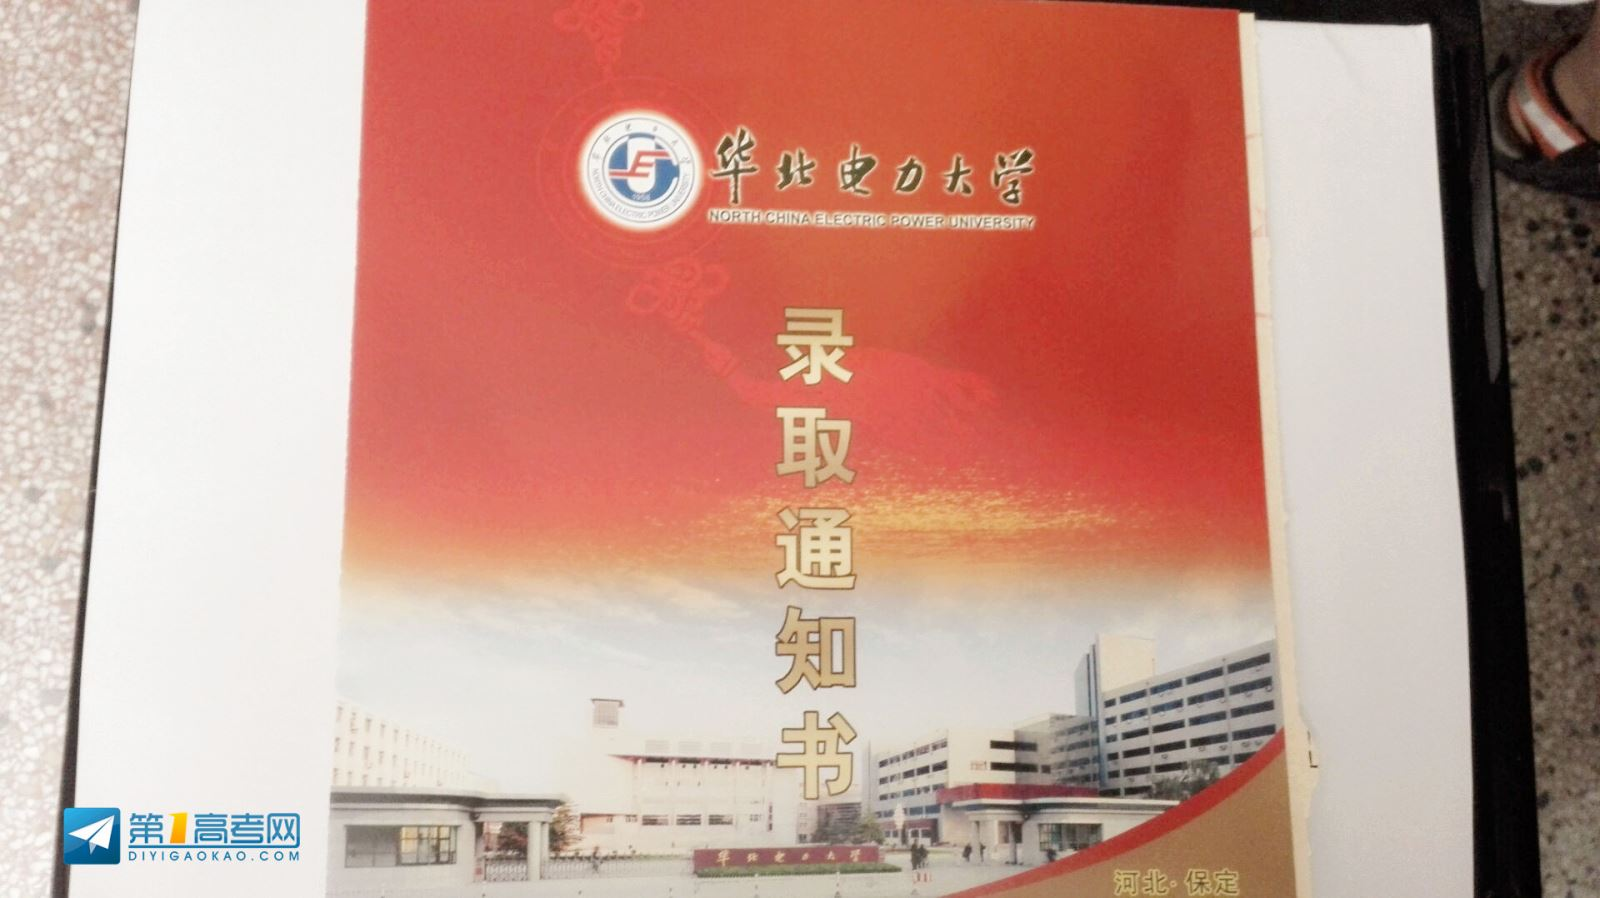 1分优势被华北电力大学(保定)录取